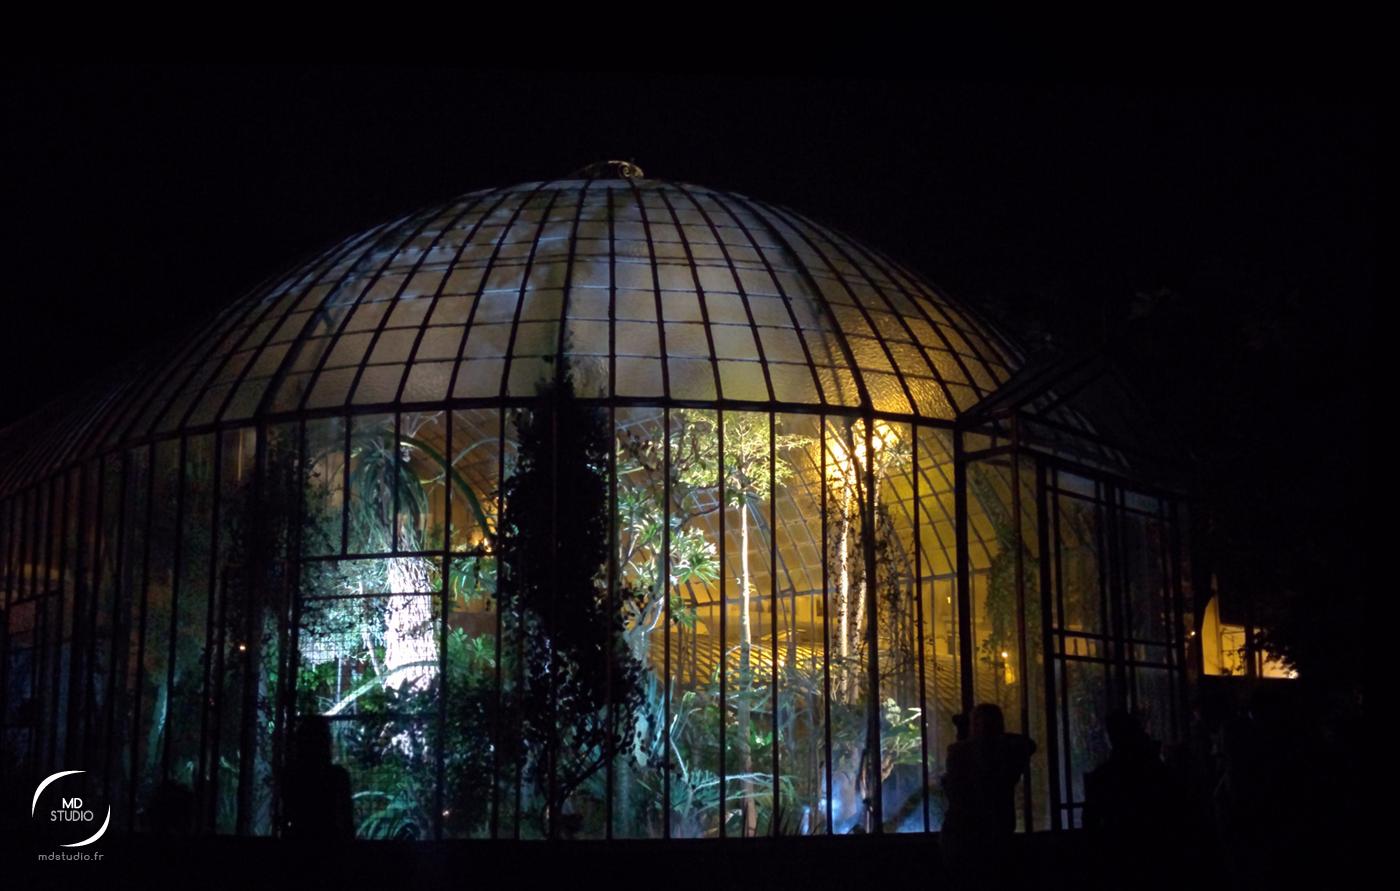 Serres Tropicales en visite nocturne | Jardin des Plantes de Nantes | photo MDstudio